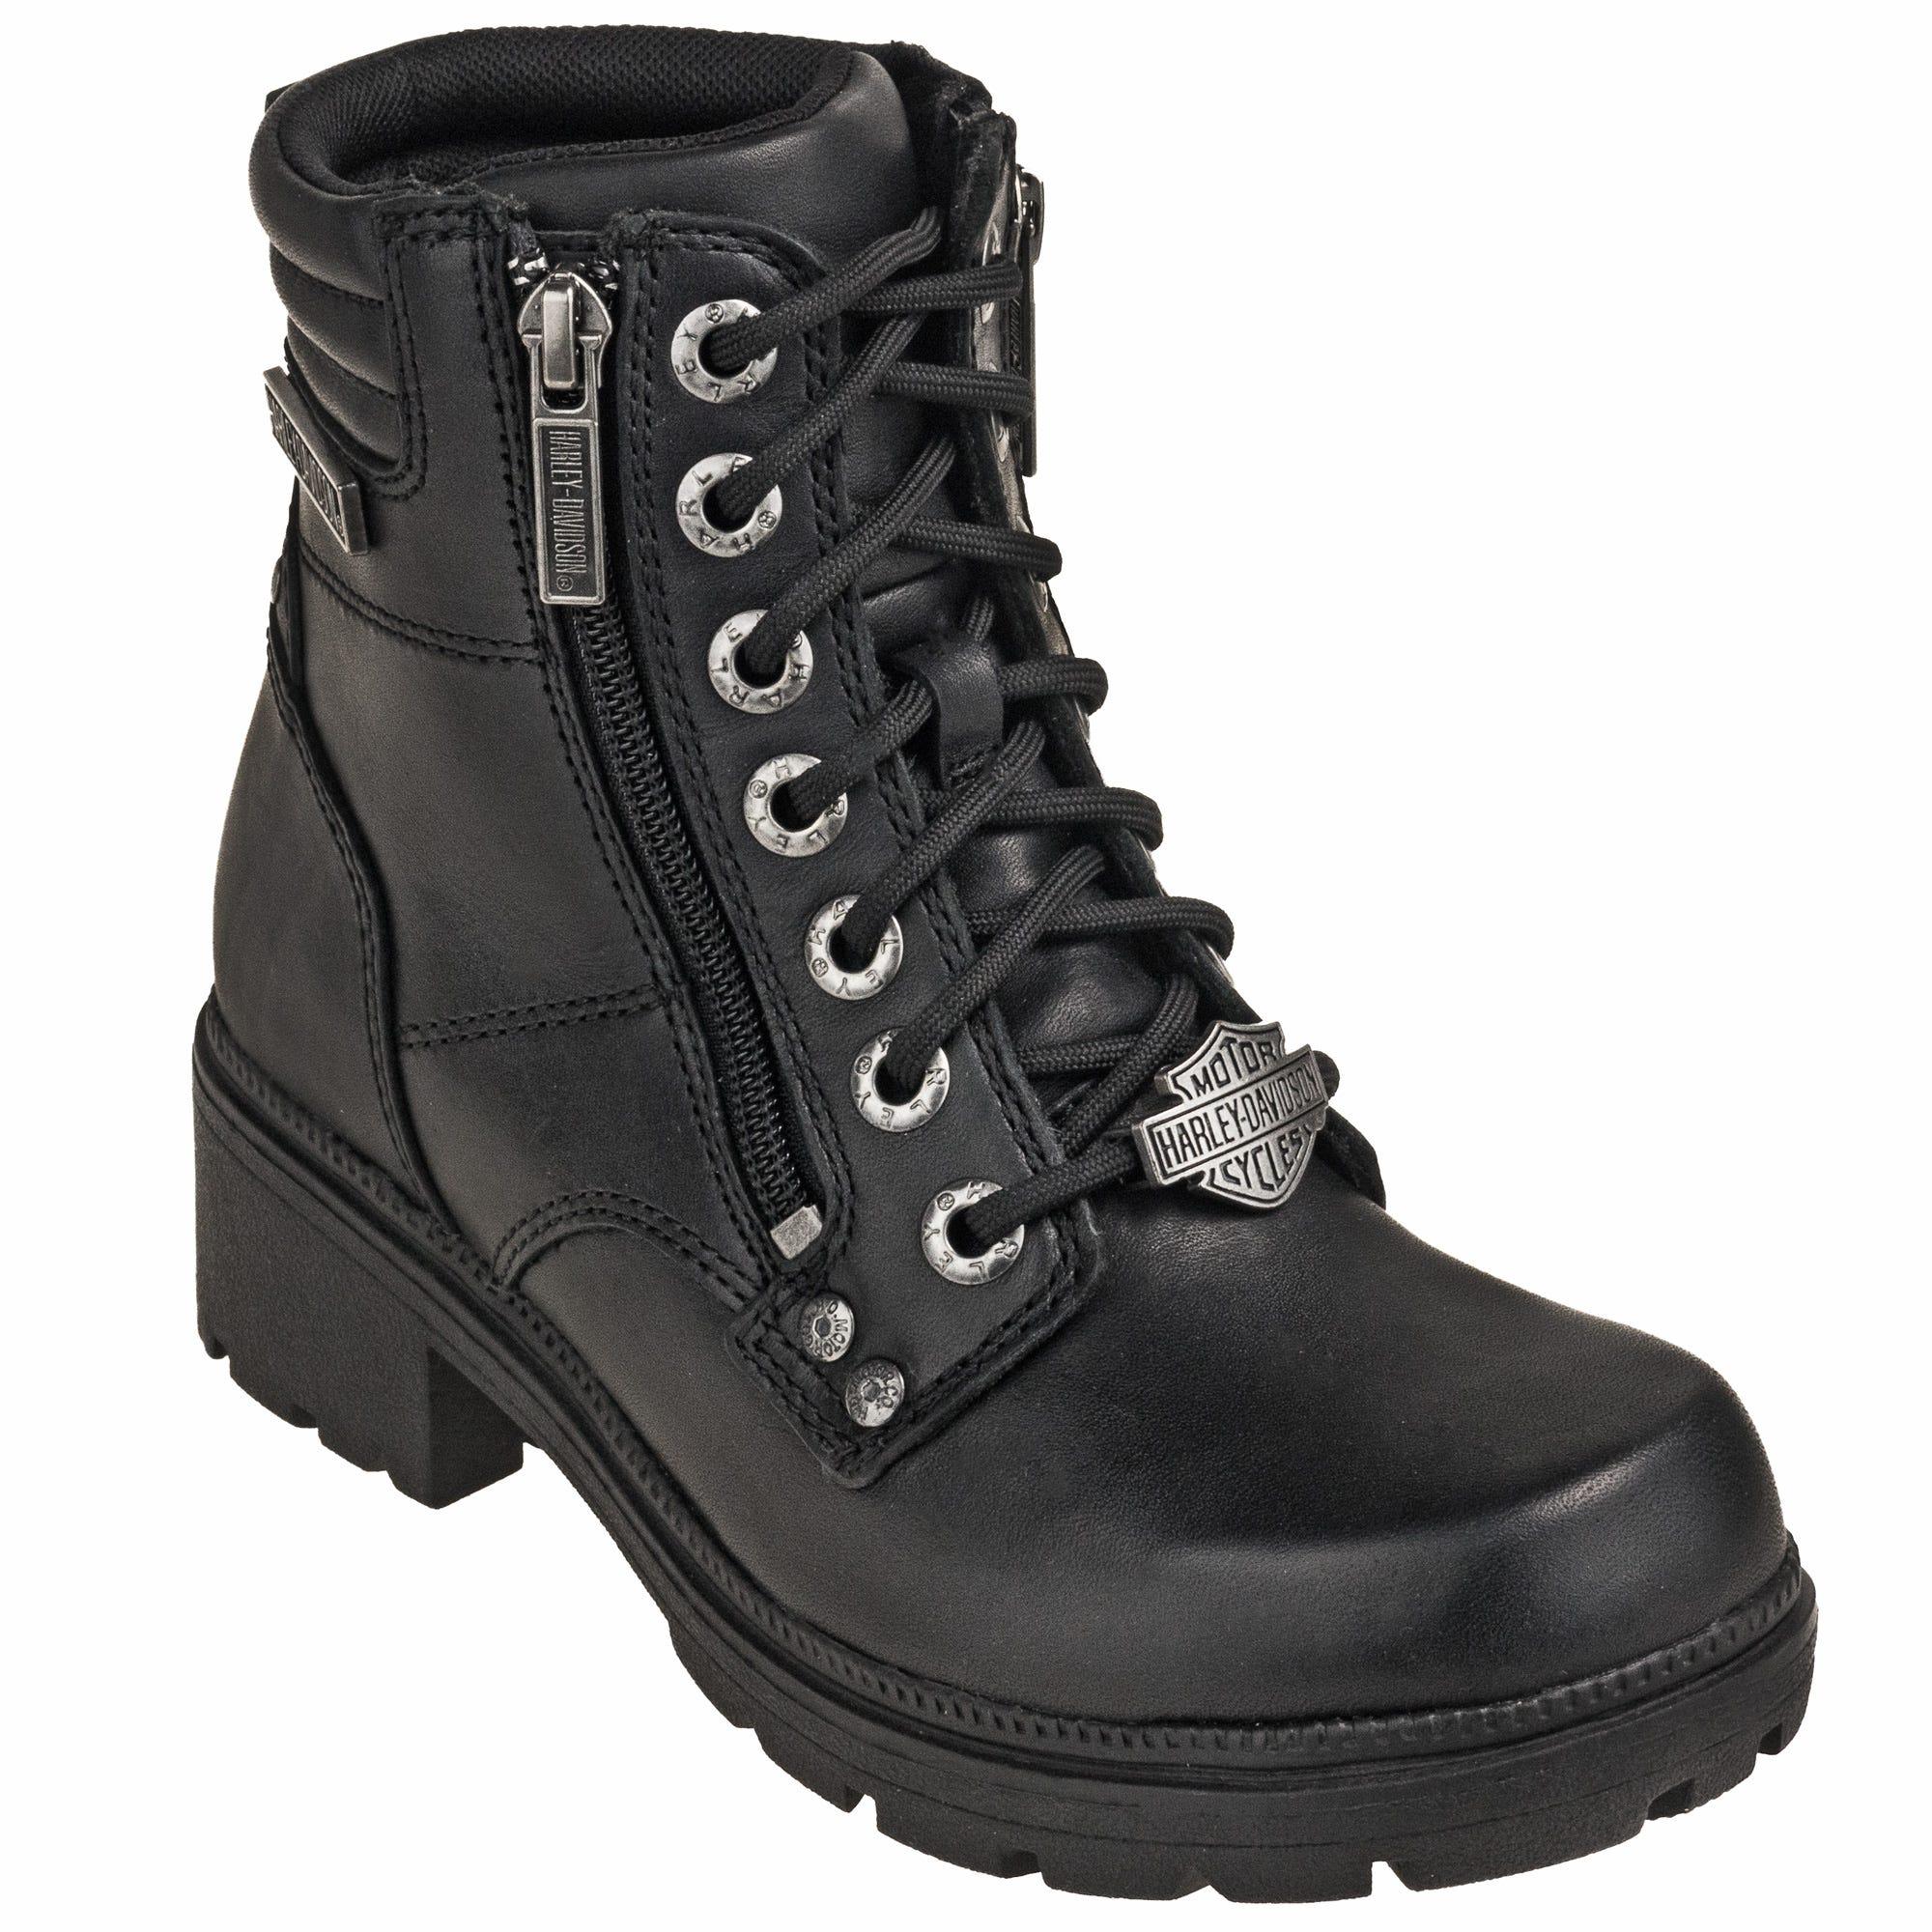 Harley Davidson Women's D83877 Zip Up Black Motorcycle Boots